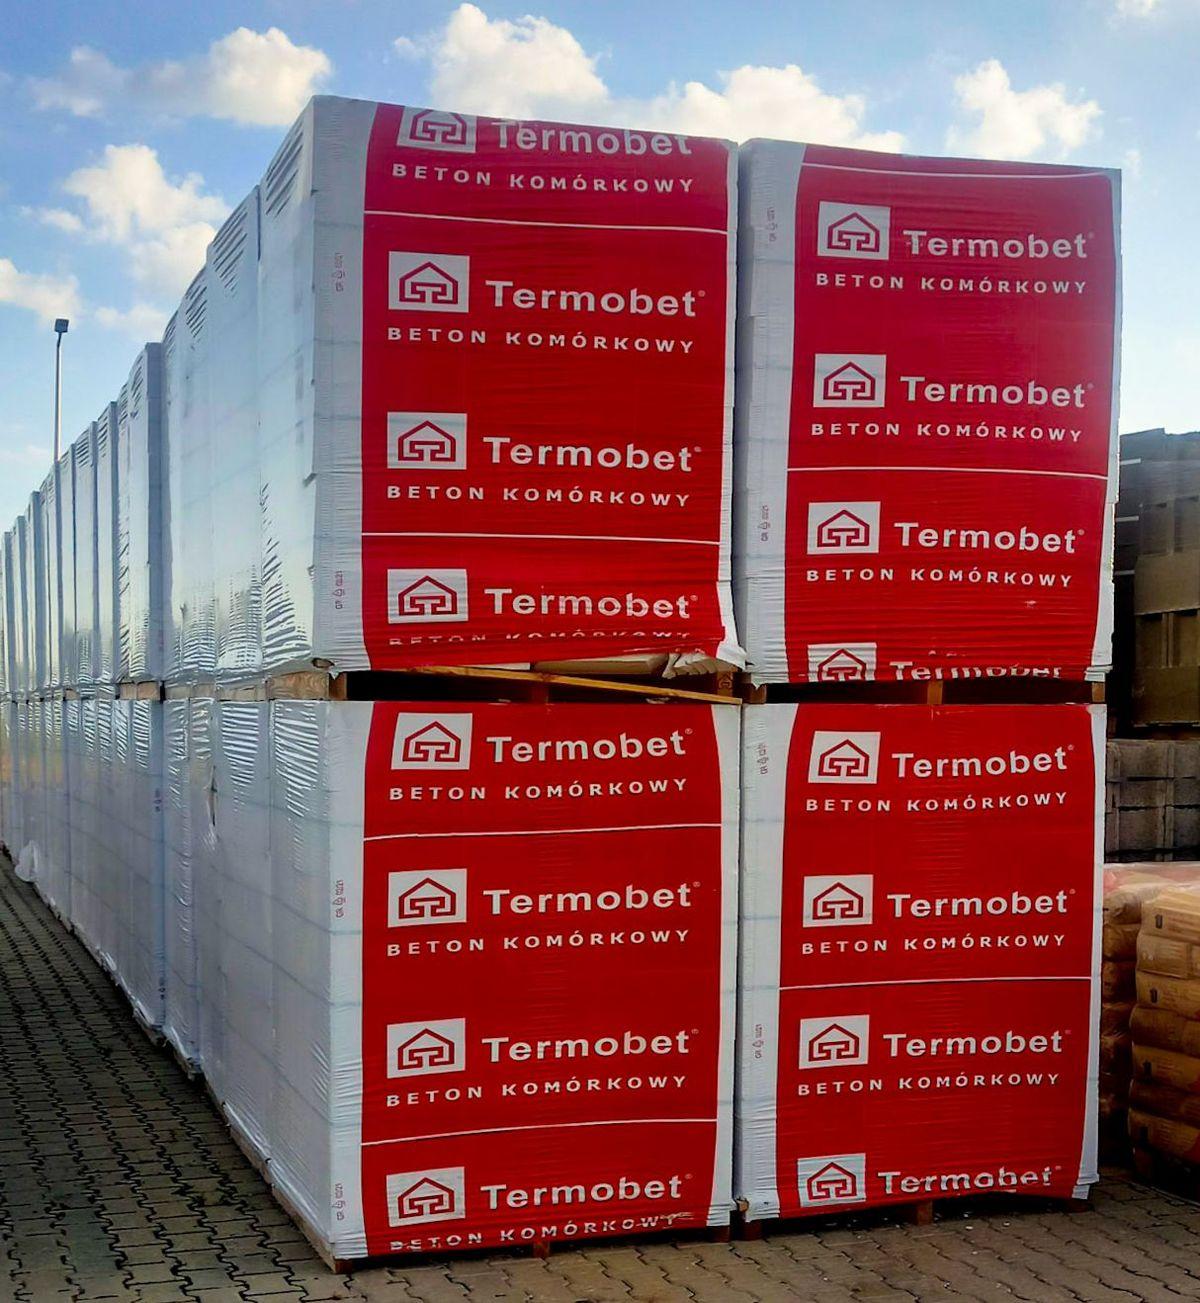 Dyskont Budowlany SM Logistic. Nowe promocje!